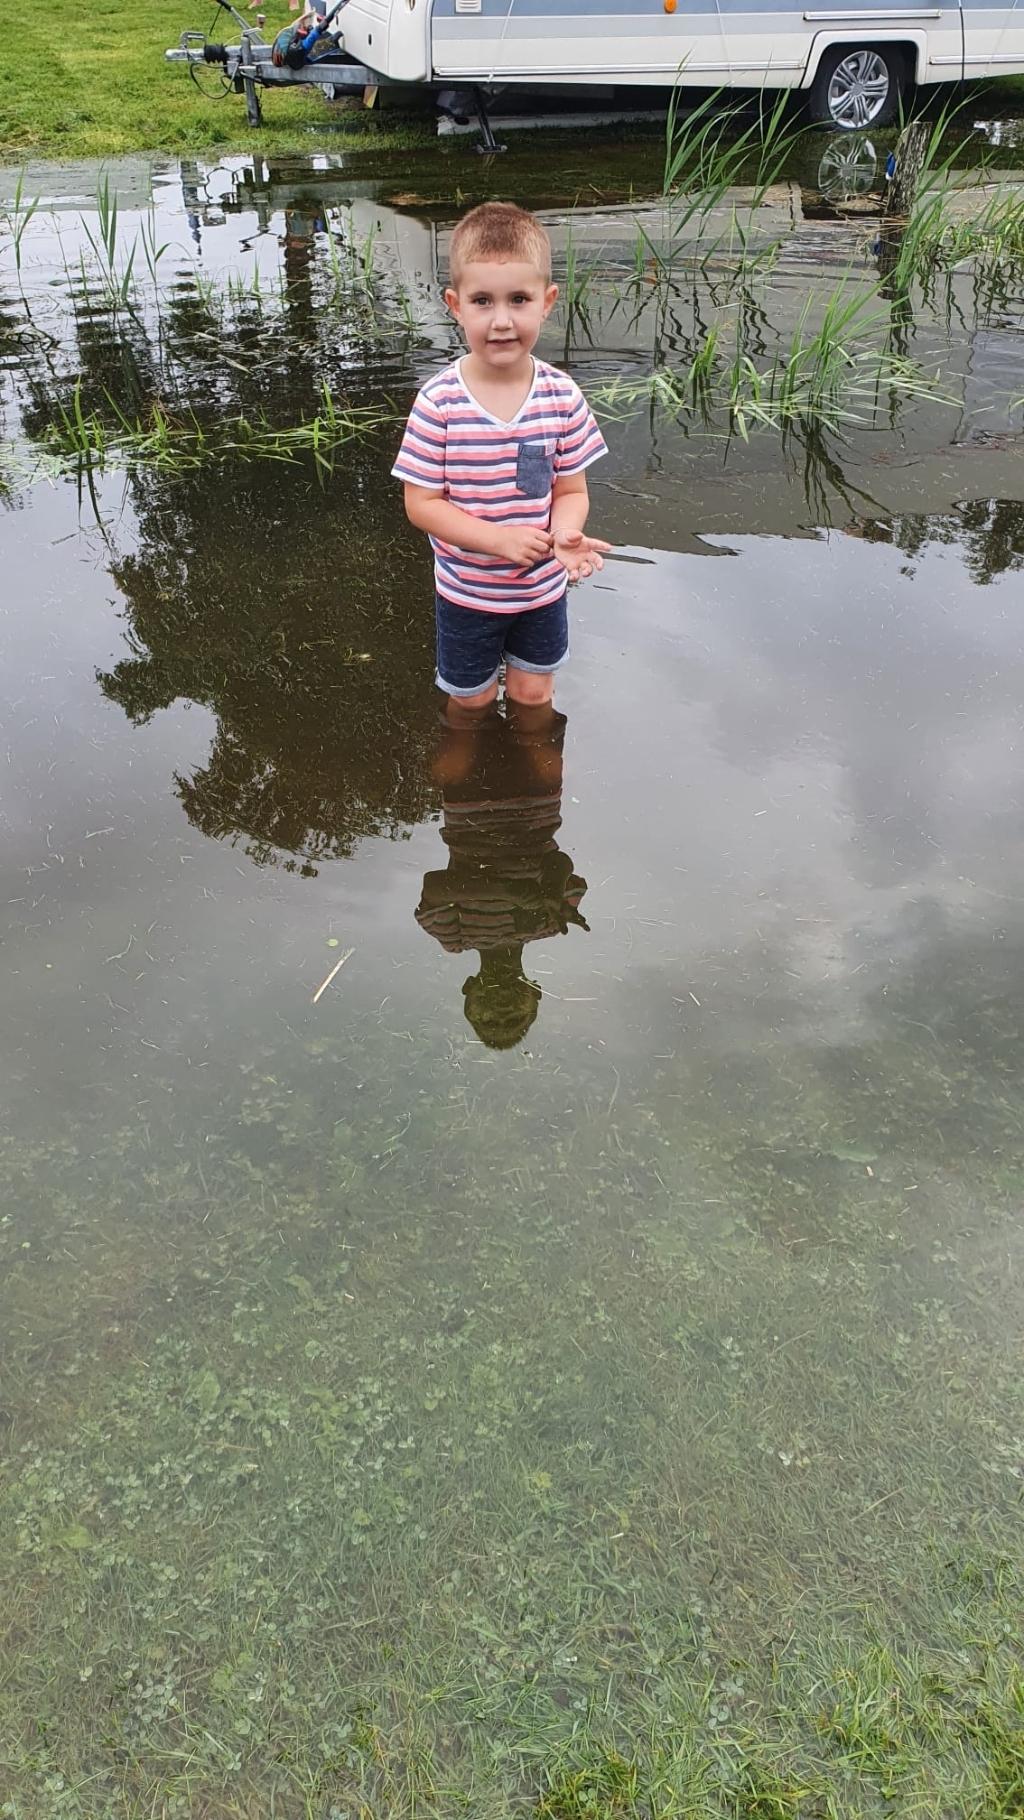 Dit jongetje staat tot zijn knieën in het water Foto: Jappie Elzinga © Rondom Drachten